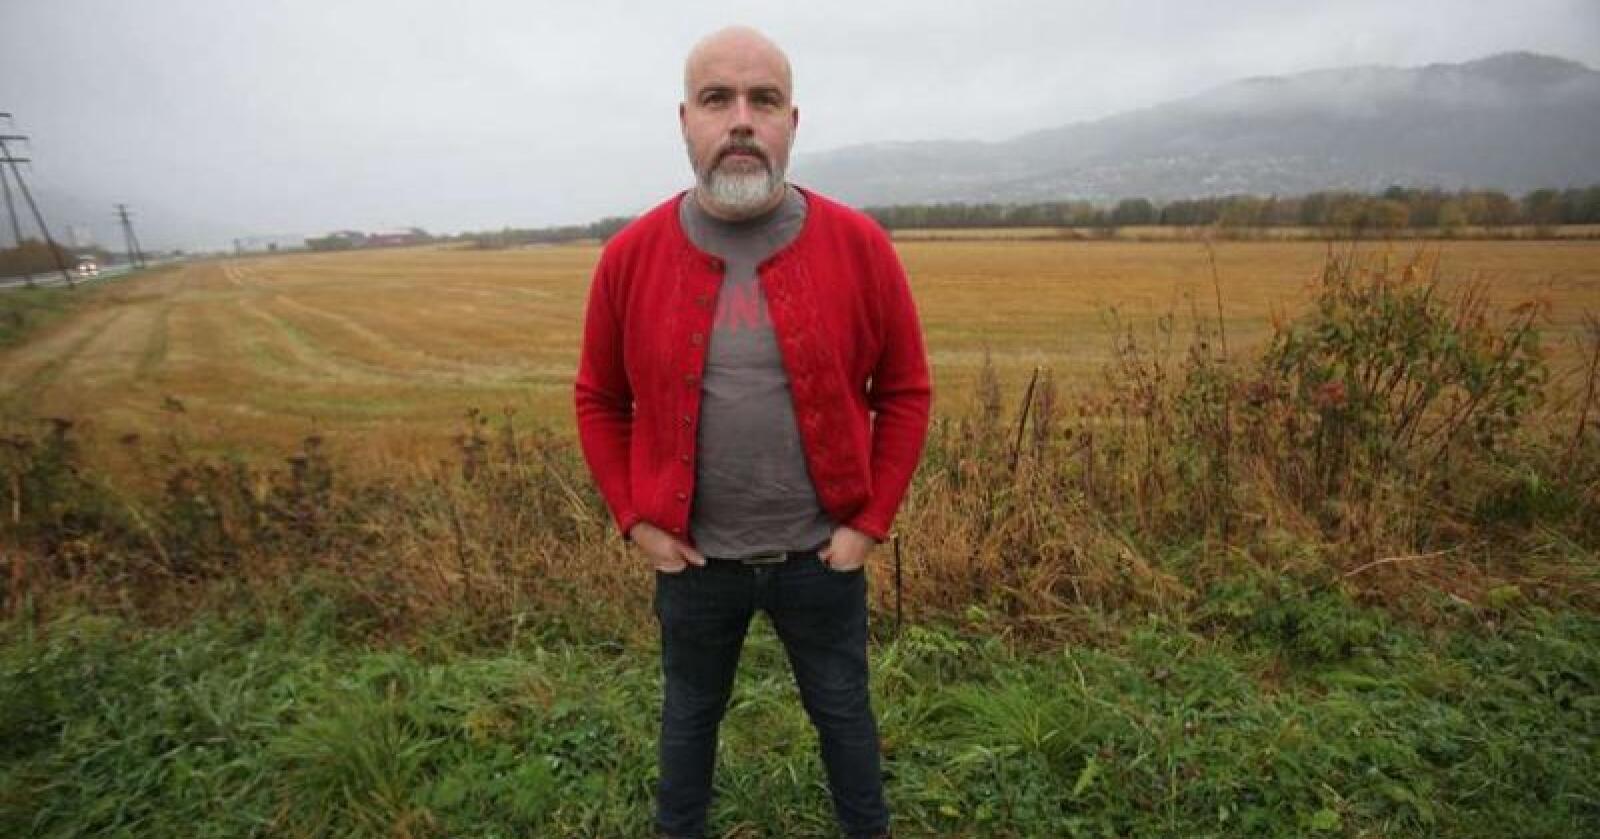 Matjord: Jon Fredrik Skauge er leder i Orkdal Bondelag, og er klar på at han ikke vil ha kyllingslakteri på kornjord. – Den jorda de tar er den som har best avlingspotensial i området her, sier han. (Foto: Stian Eide)